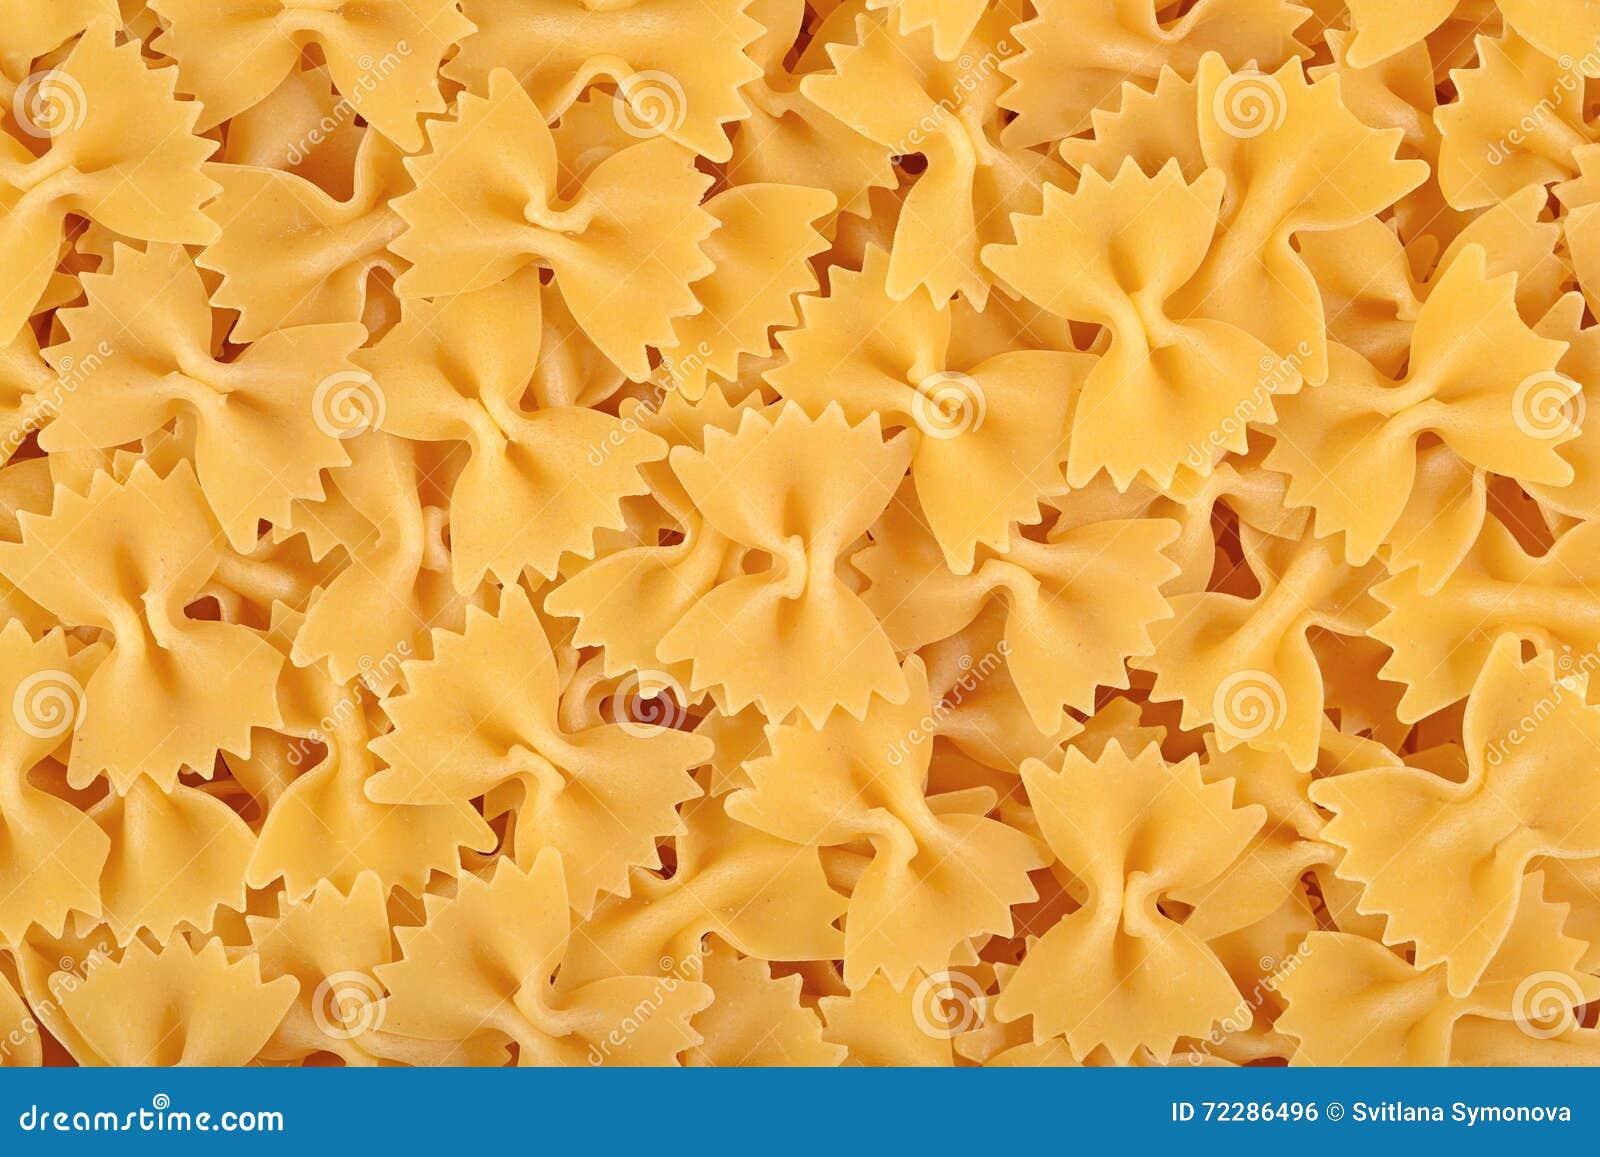 Download Итальянская предпосылка Farfalle макаронных изделий Стоковое Фото - изображение насчитывающей vegetarian, диетпитание: 72286496